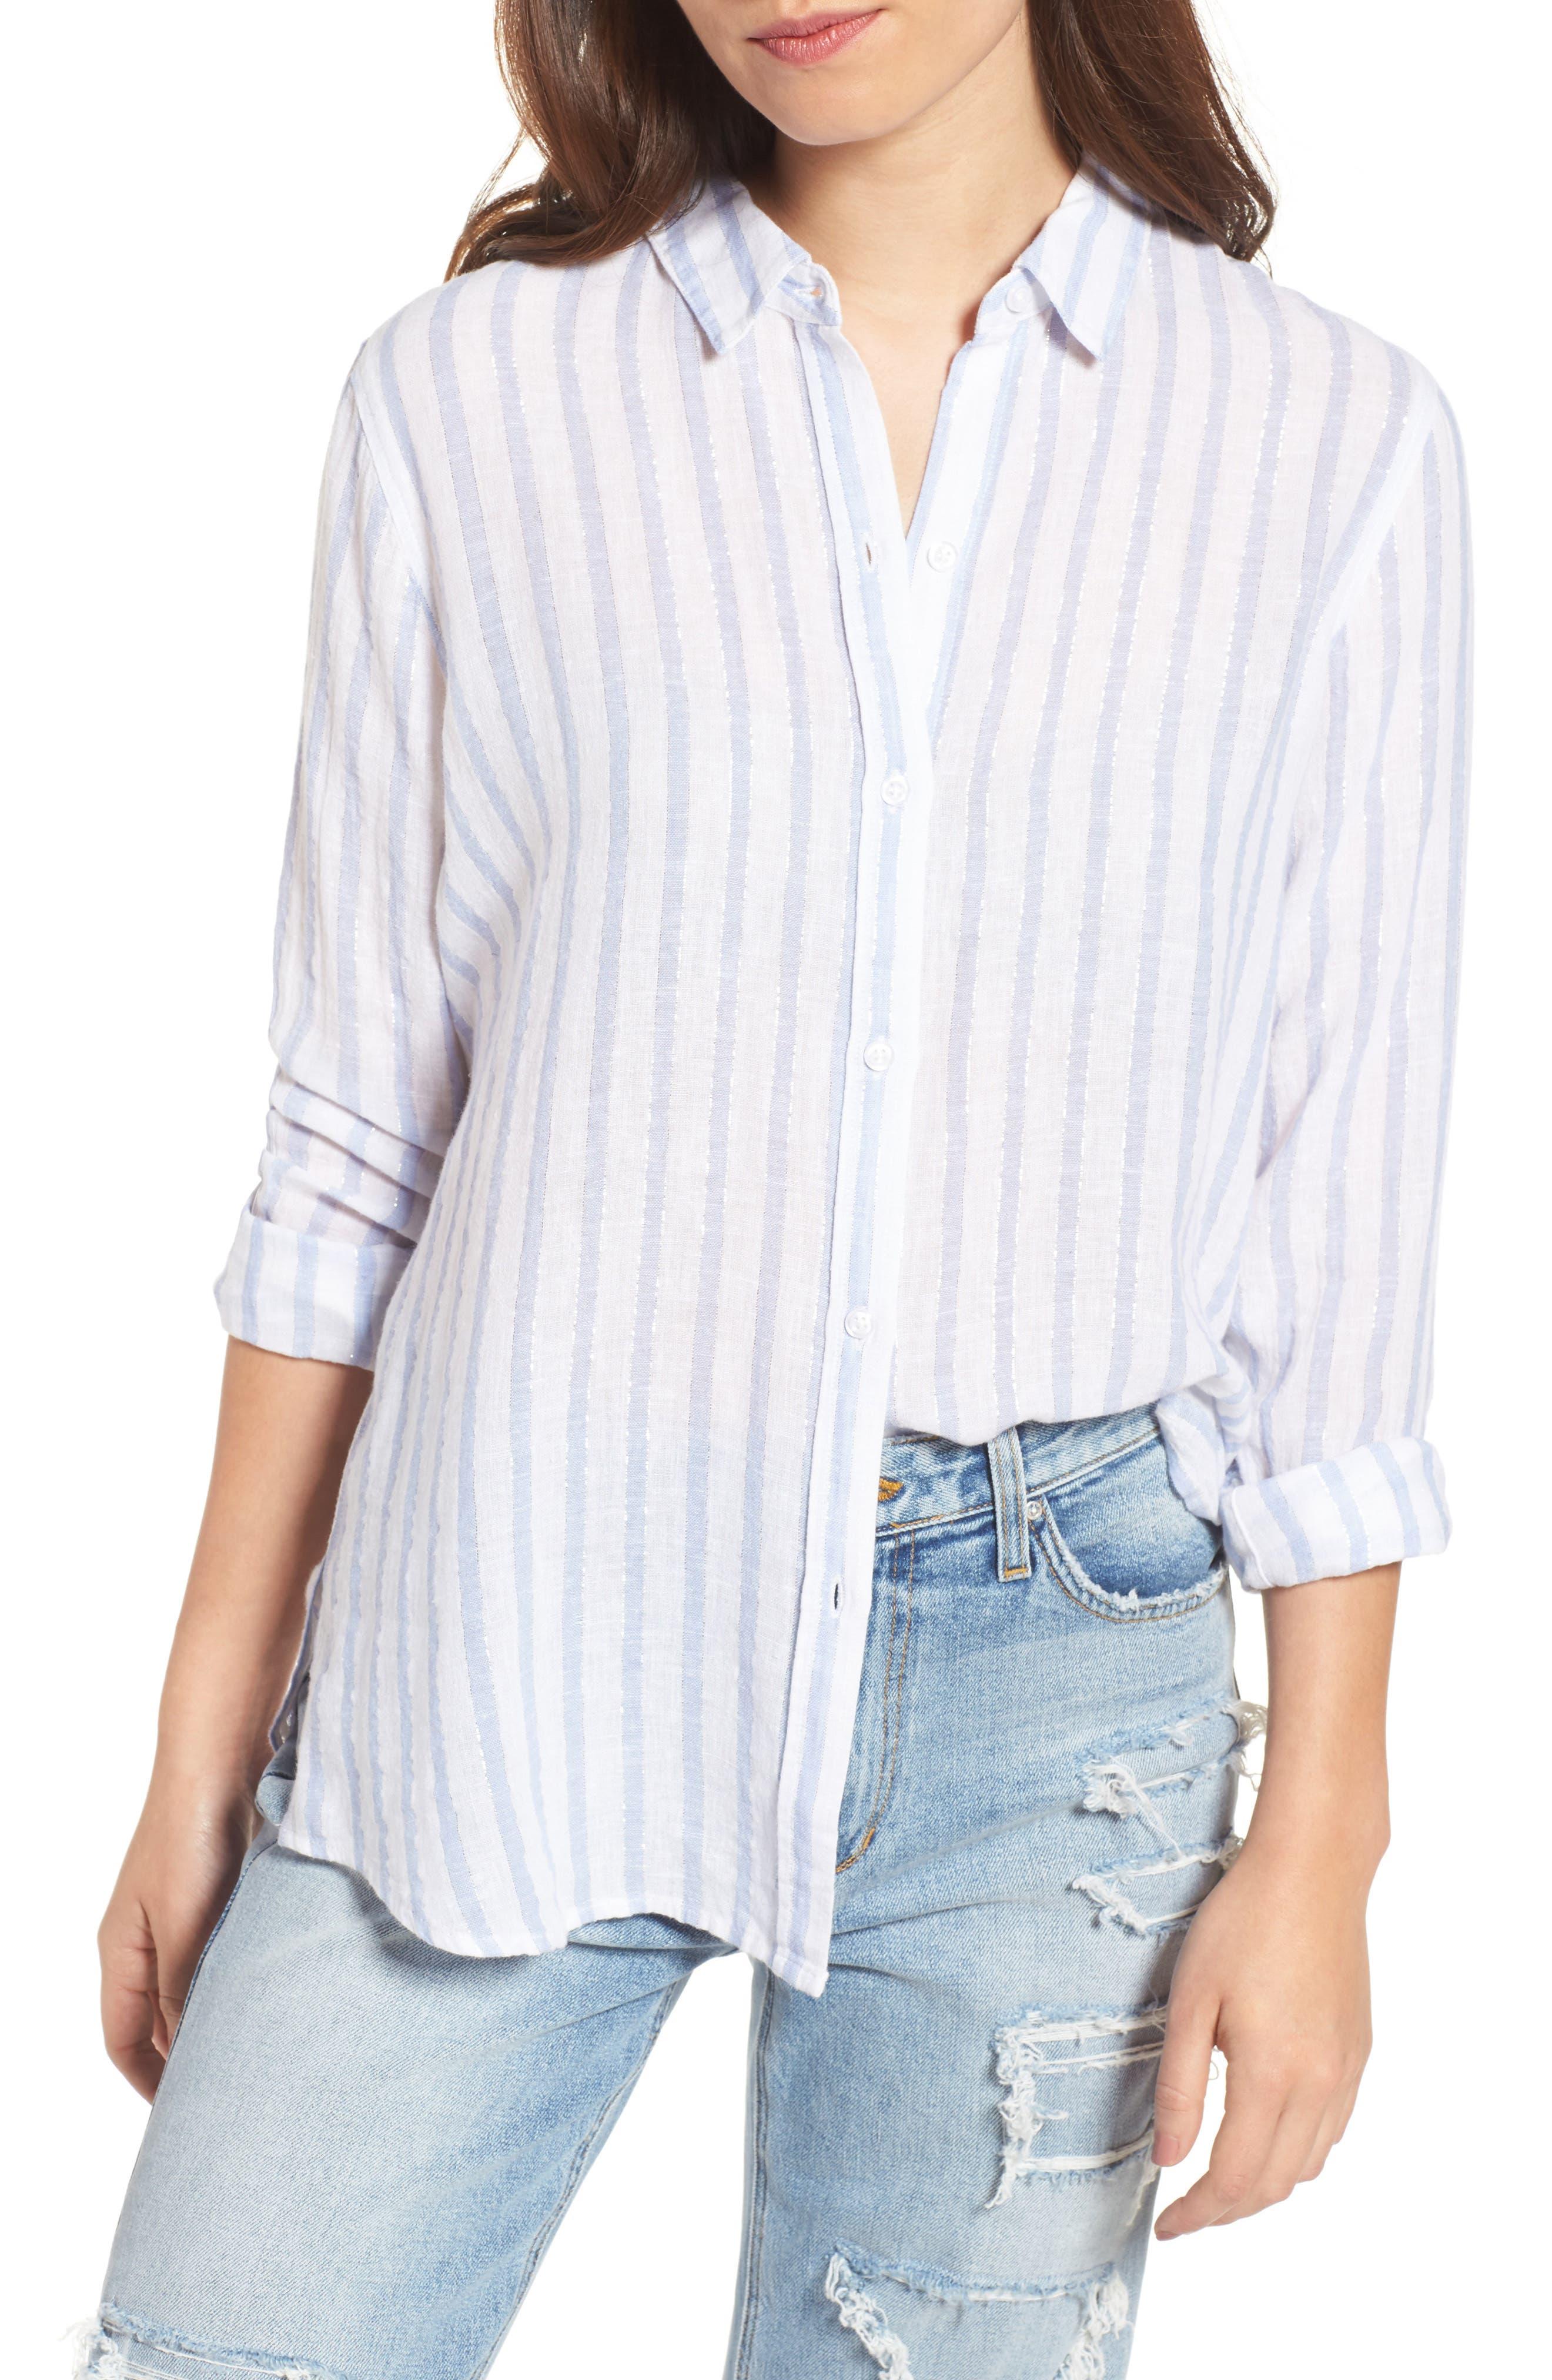 Sydney Vertical Shimmer Stripe Linen Blend Shirt,                             Main thumbnail 1, color,                             Cornflower Stripe/ Silver